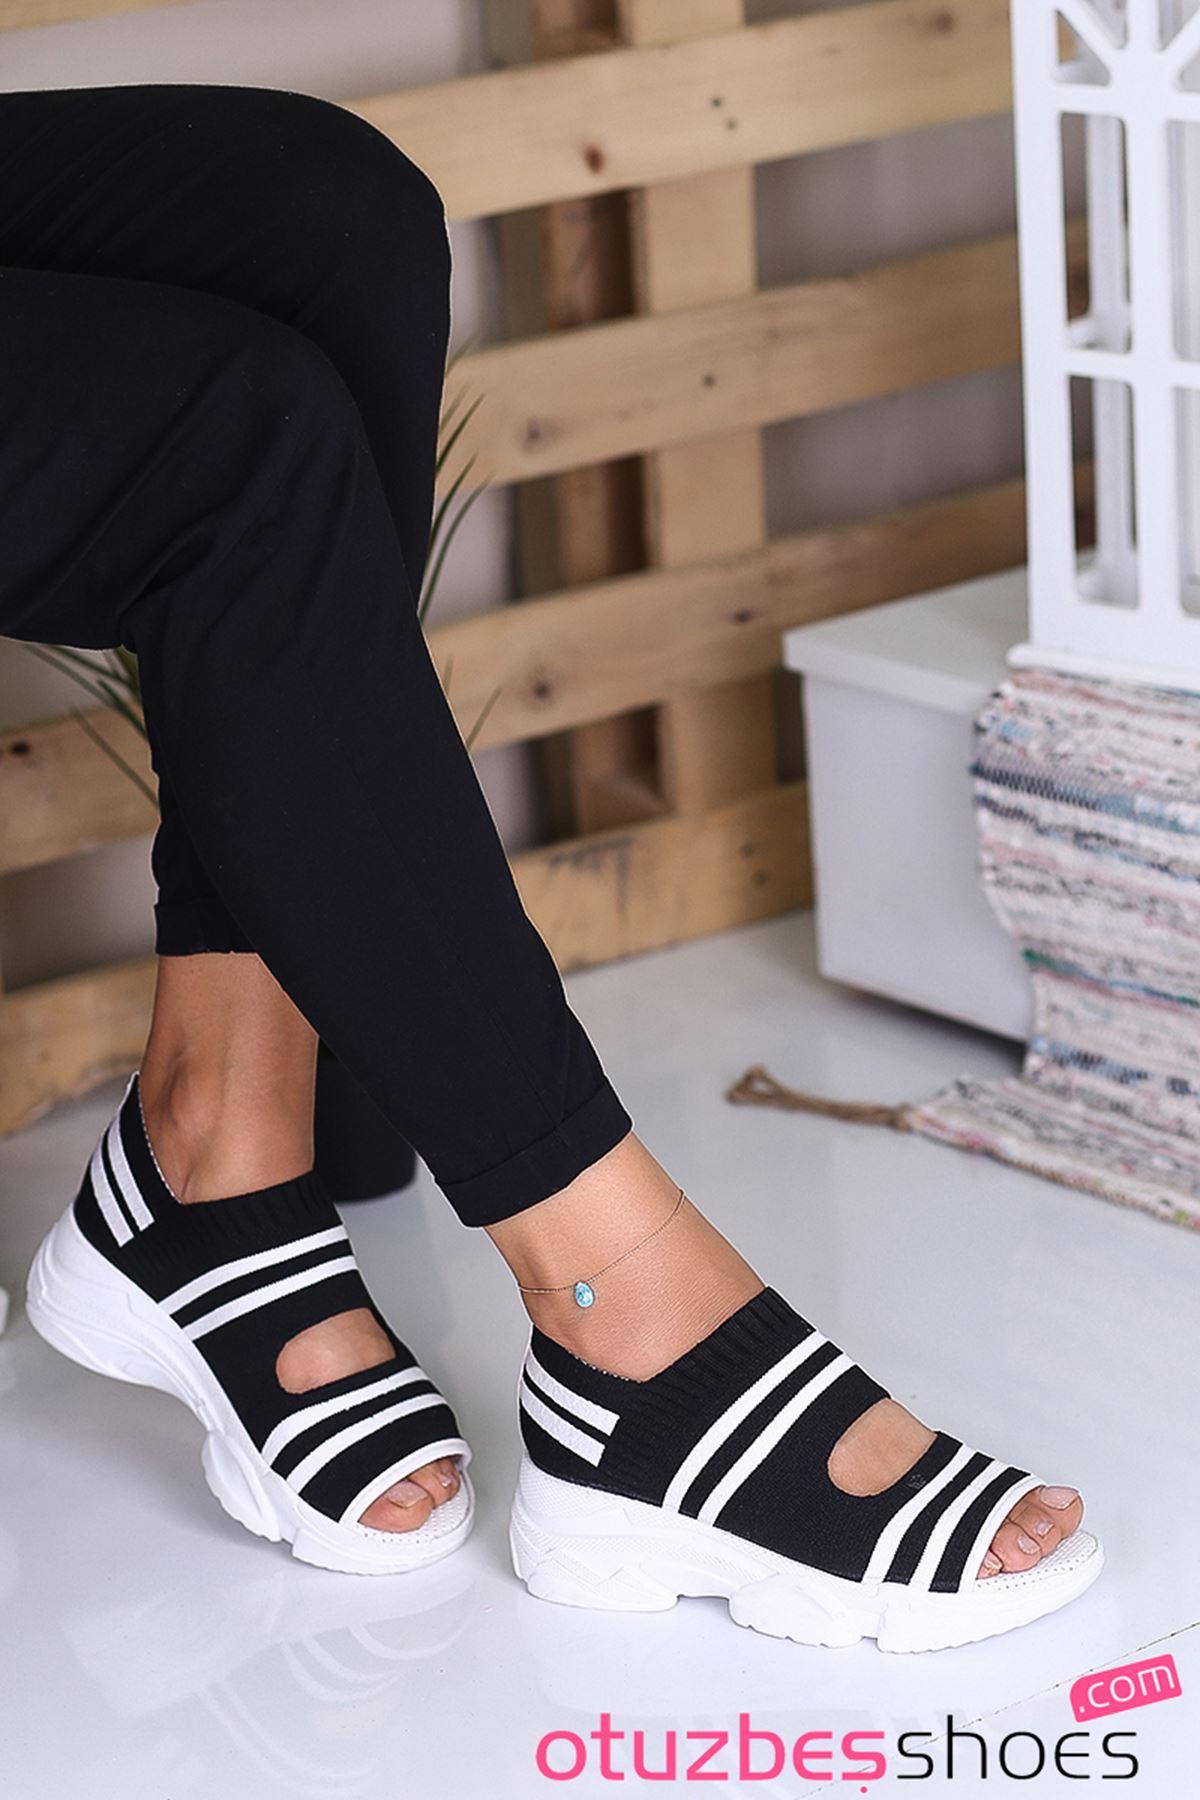 Astor Triko Çizgi Detaylı Kadın Sandalet Siyah